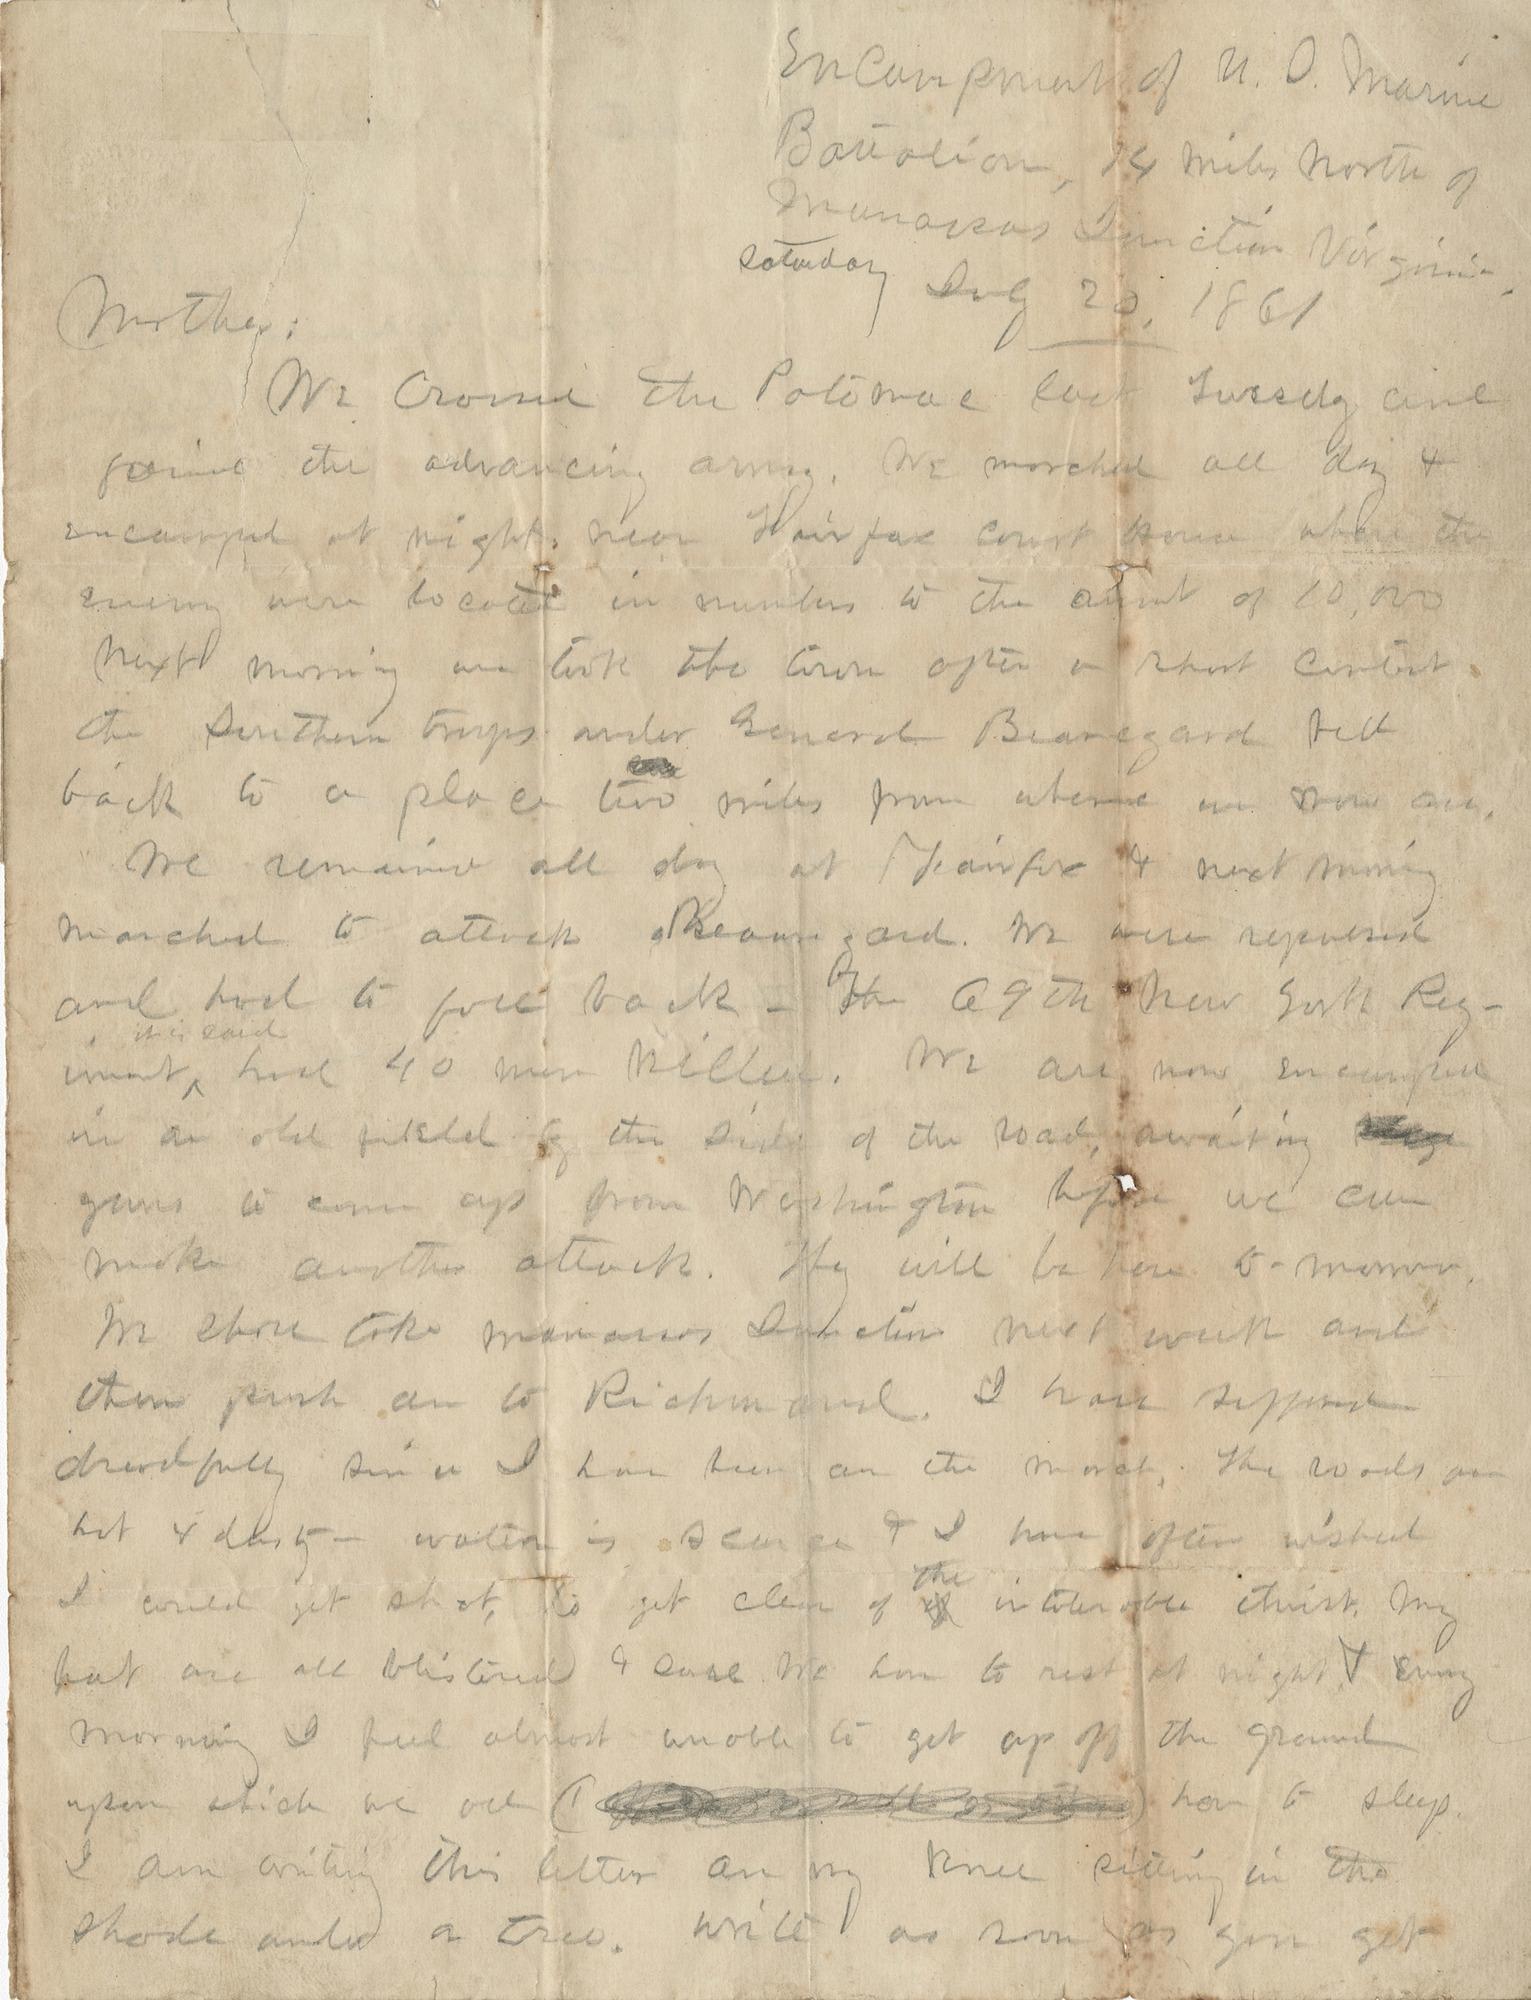 Ms2018_027_PierceCharles_Letter_1861_0720a.jpg